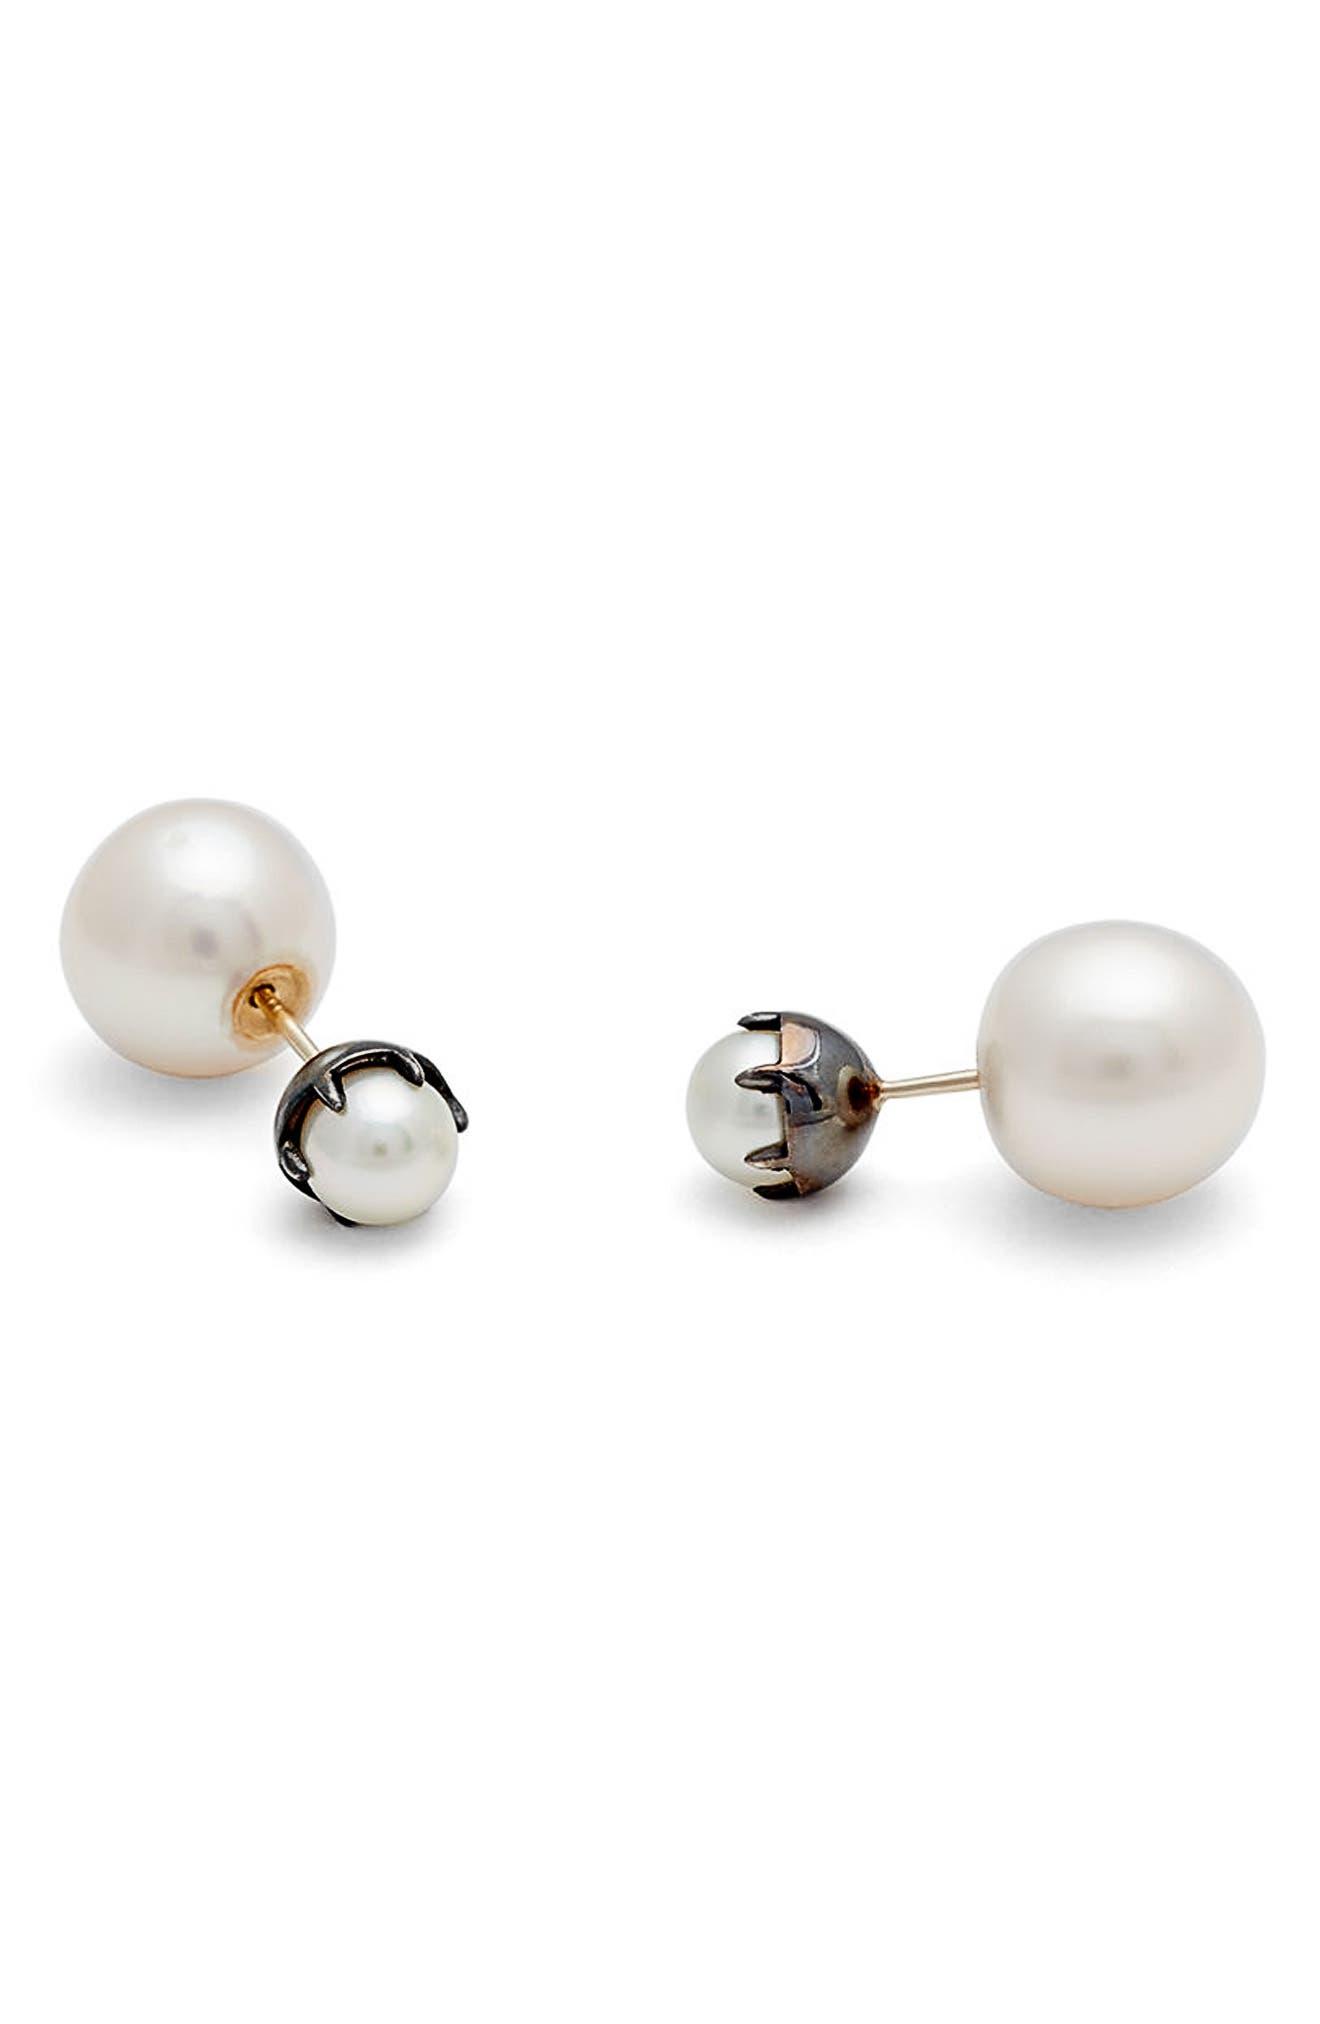 Akoya & Freshwater Pearl Double Stud Earrings,                             Main thumbnail 1, color,                             710